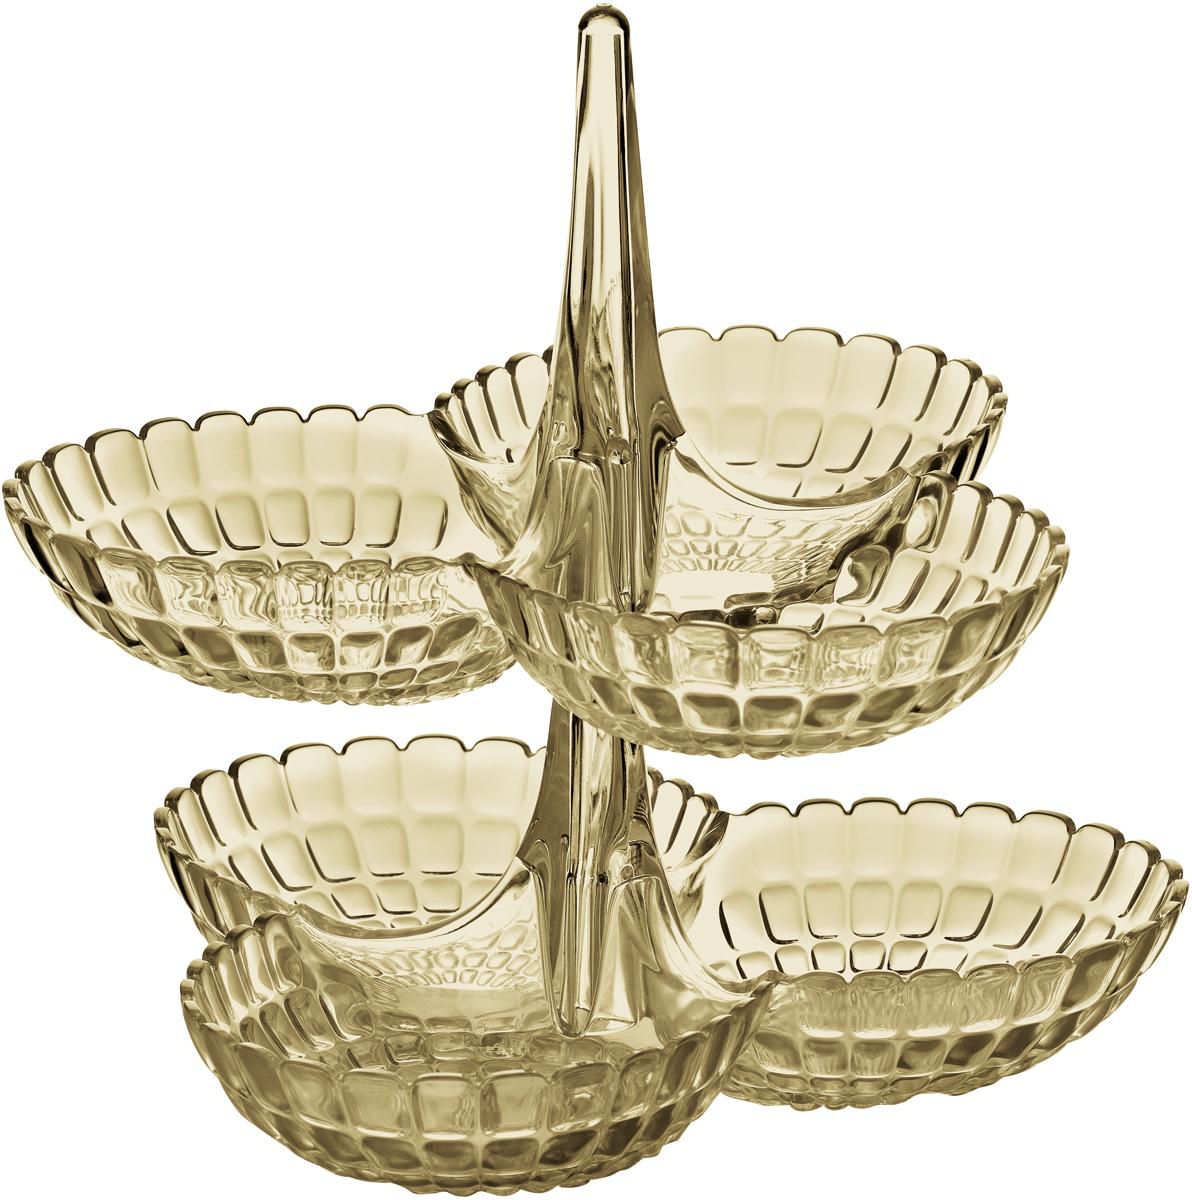 Набор менажниц Guzzini Tiffany, цвет: песочный, 2 шт19920139Менажница Tiffany представляет собой вертикальную опору, которая соединяет между собой три одинаковых по размеру чаши. Их можно использовать для подачи снеков, легких закусок, орехов и сладостей. Дизайн менажницы отличается оригинальной рельефной формой, которая в сочетании с прозрачным материалом заставляет поверхность сверкать и переливаться на свету.Набор менажниц отлично подойдет для праздничной сервировки стола и привлечет внимание гостей. Будет одинаково хорошо смотреться как в квартире, так и на летней веранде на даче. Блюда можно поставить одно на другое, тем самым создав единую версию сразу с шестью чашами. Идеально для вечеринок и больших компаний. Изготовлены из высококачественного органического стекла, устойчивого к износу и повреждениям. Не содержат вредных примесей и бисфенола-А. Моются вручную.